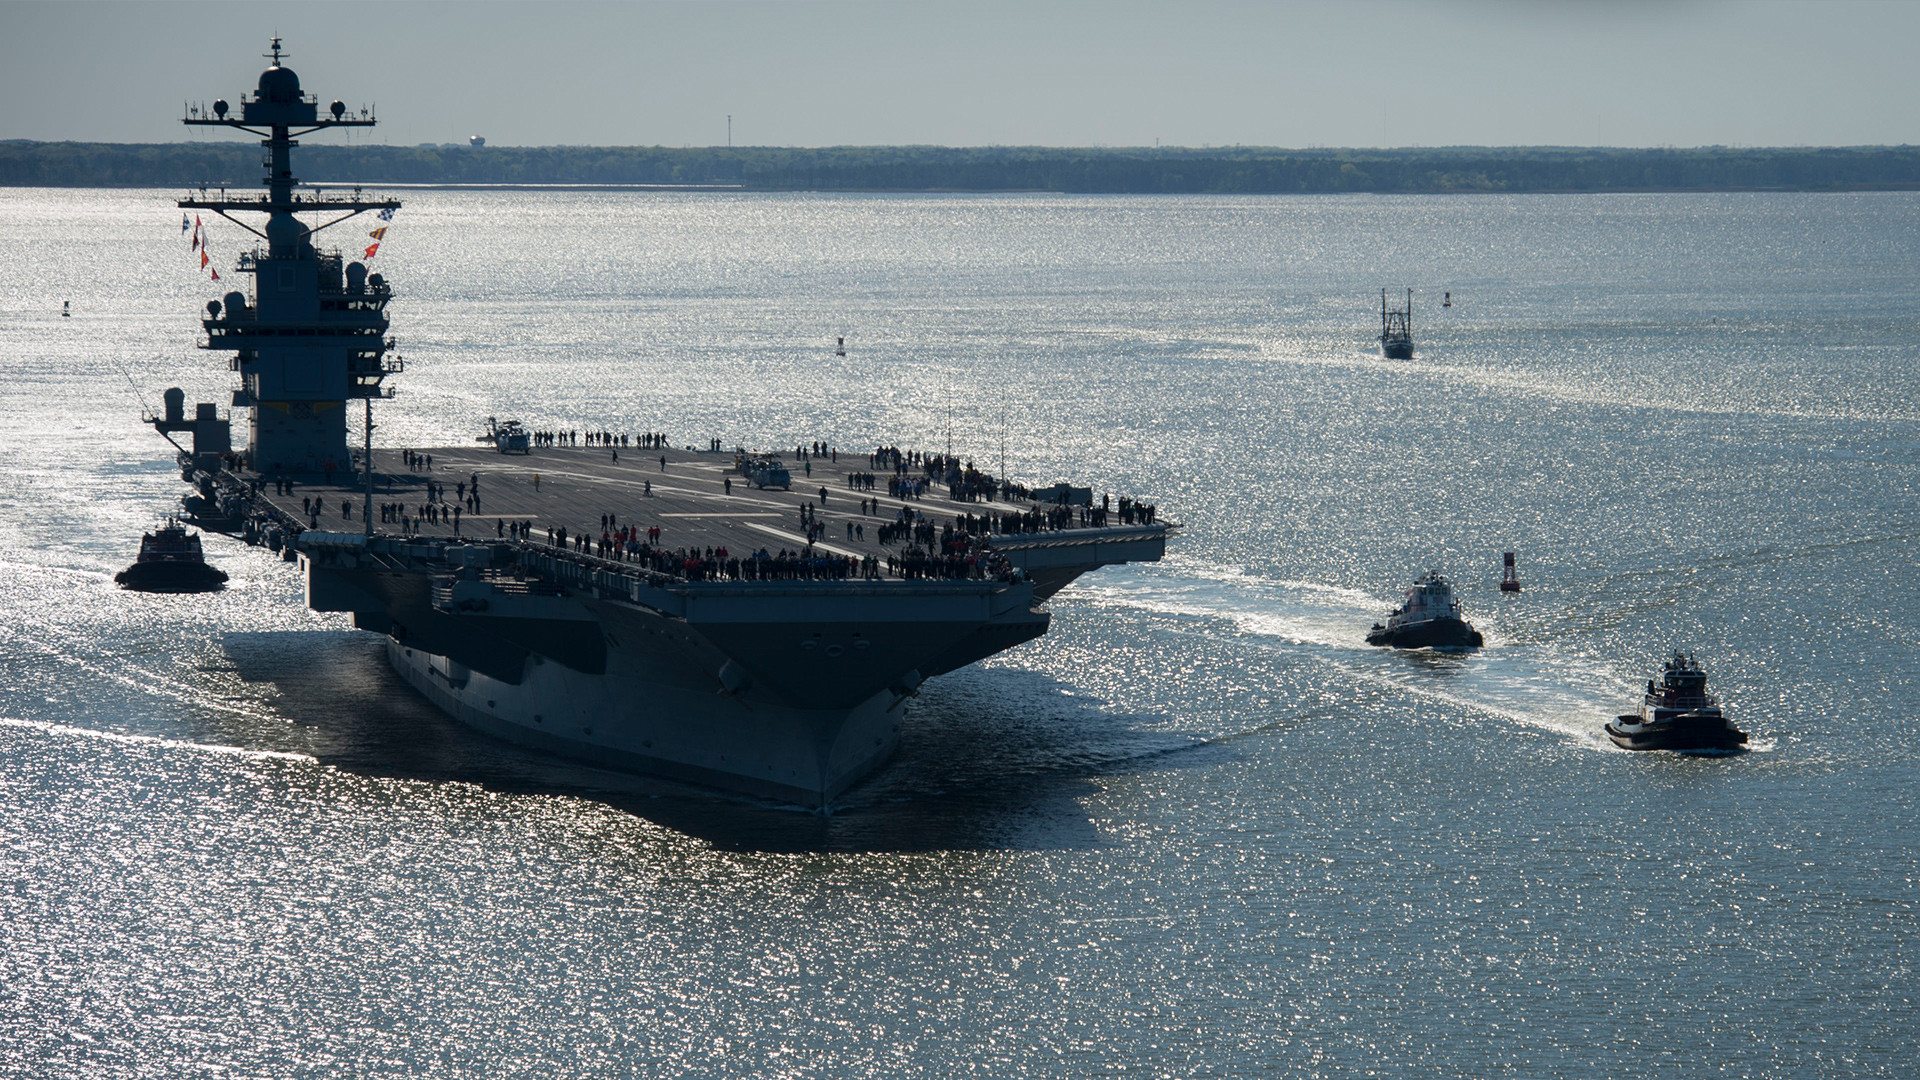 Cómo EE.UU. 'lleva la democracia' en portaaviones (y por qué con Corea del Norte no funcionará)